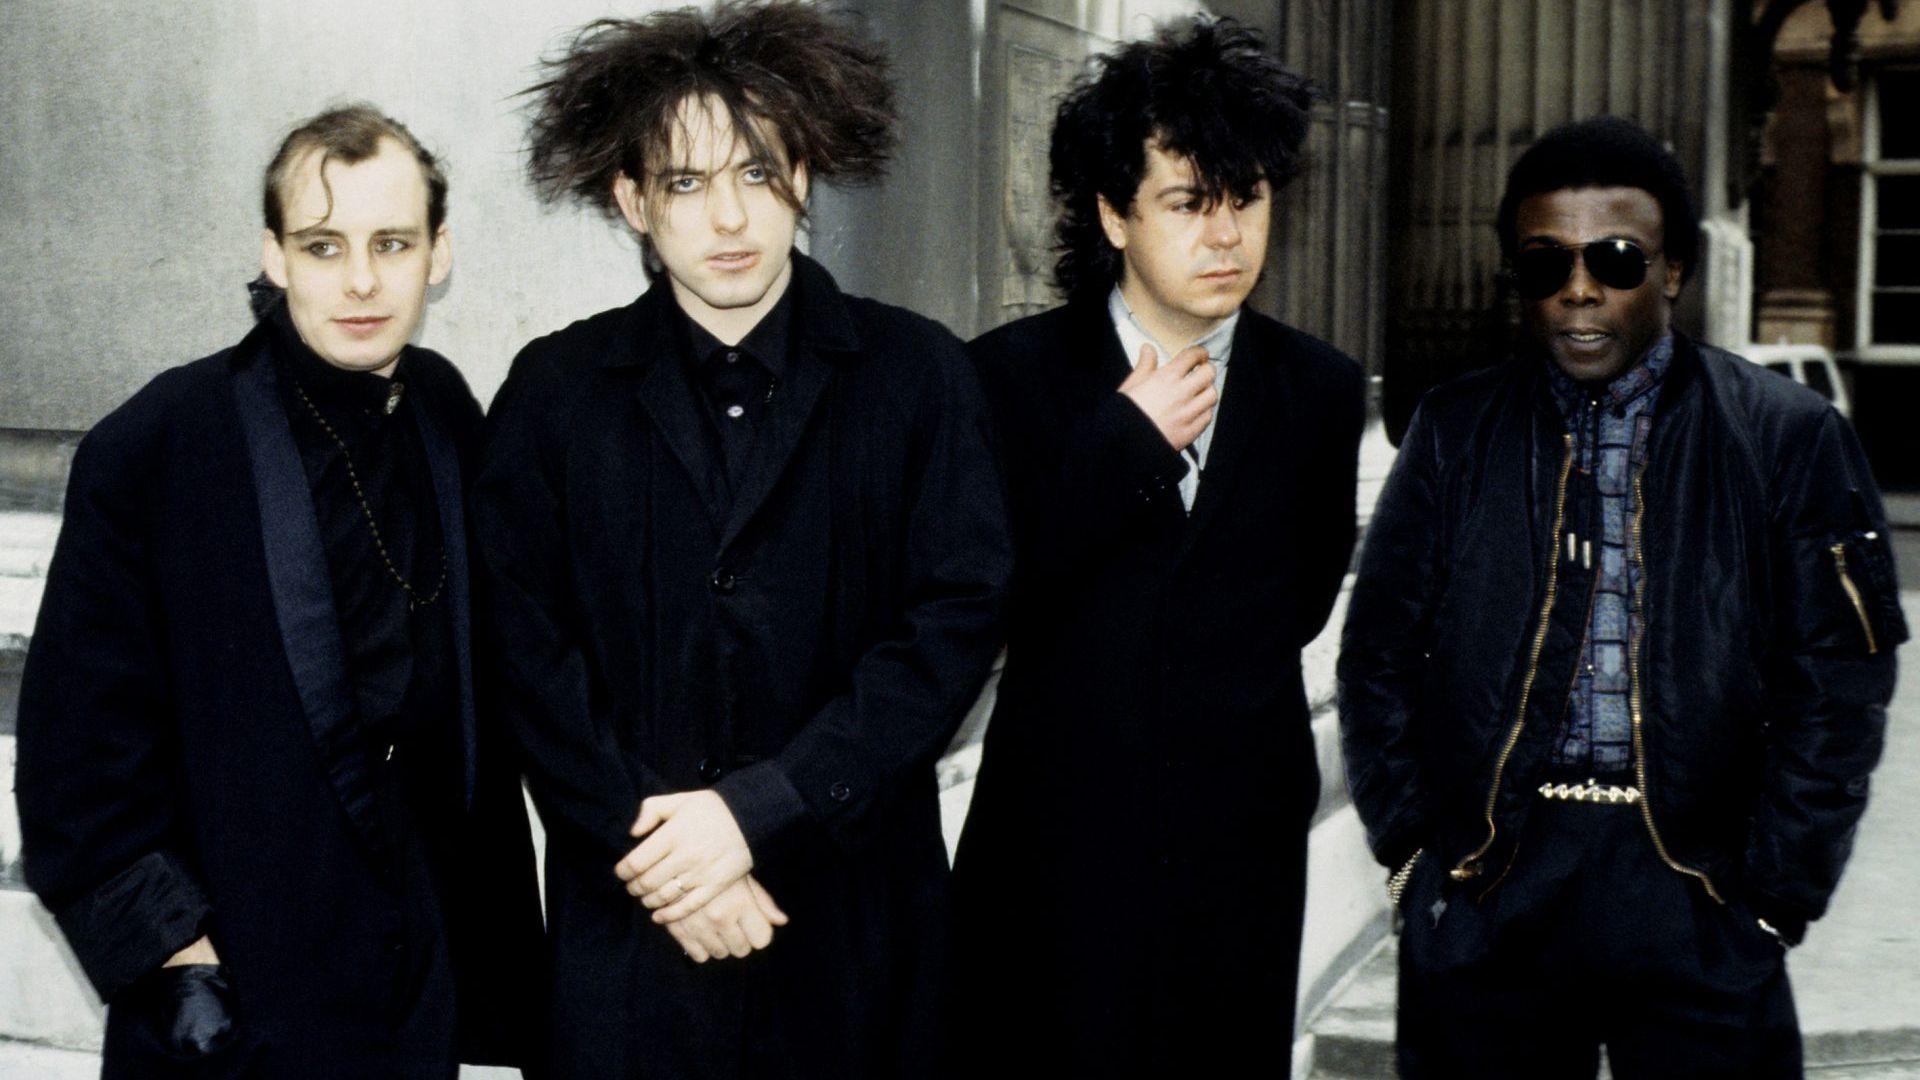 """La película """"The Cure Anniversary 1978-2018"""", sacó un concierto, en película, del cuarenta aniversario de la mítica banda británica. (Foto: The Cure)"""